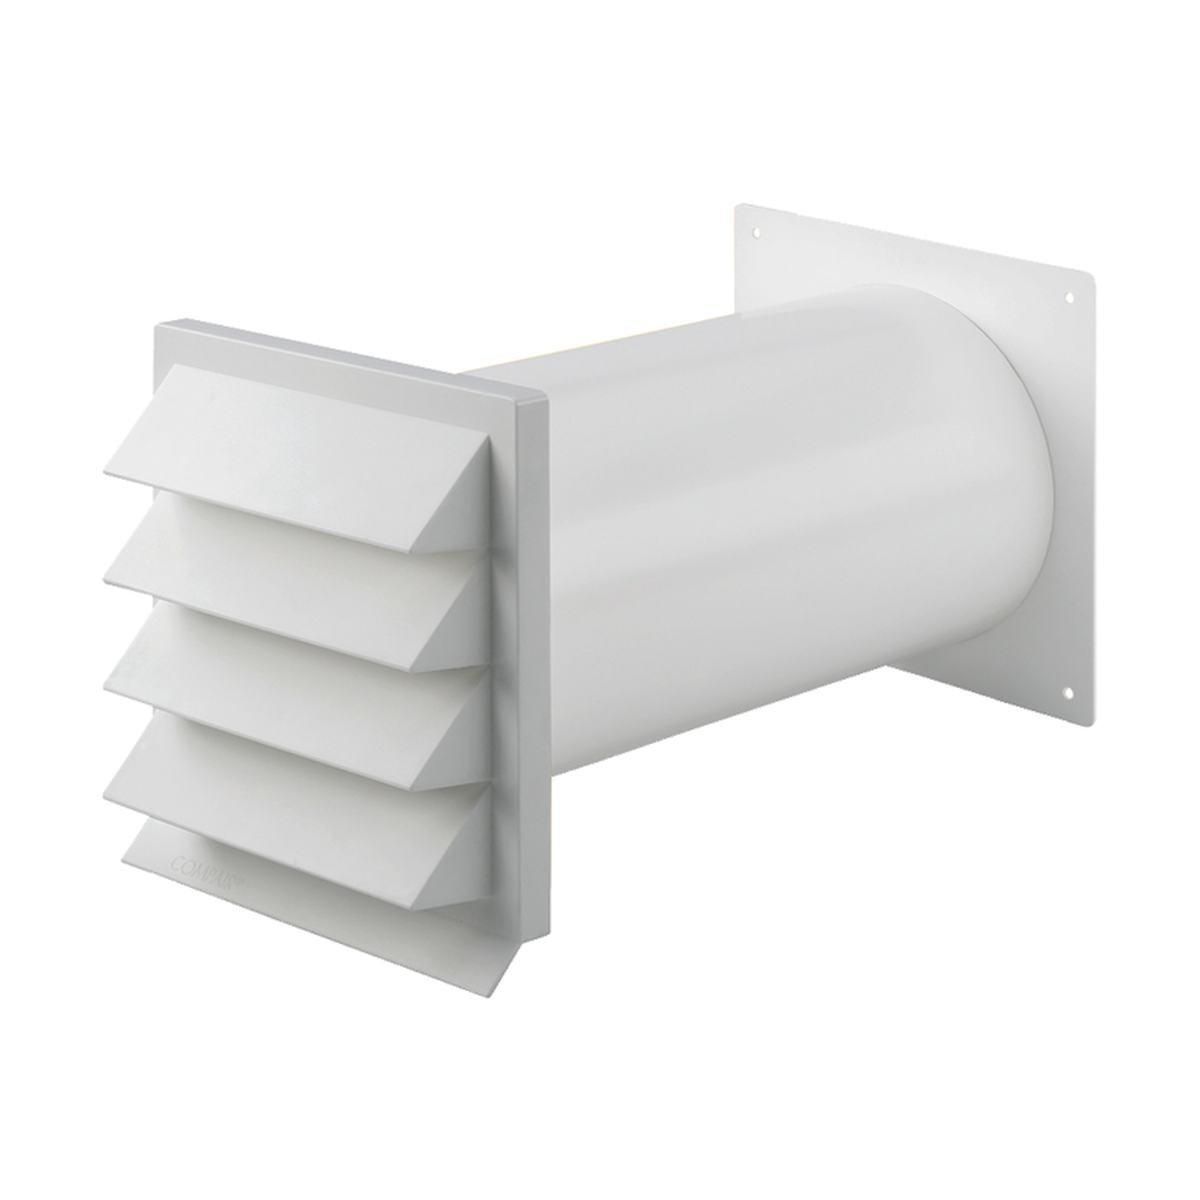 Murgennemføring med faste lameller Ø100 mm. hvid p